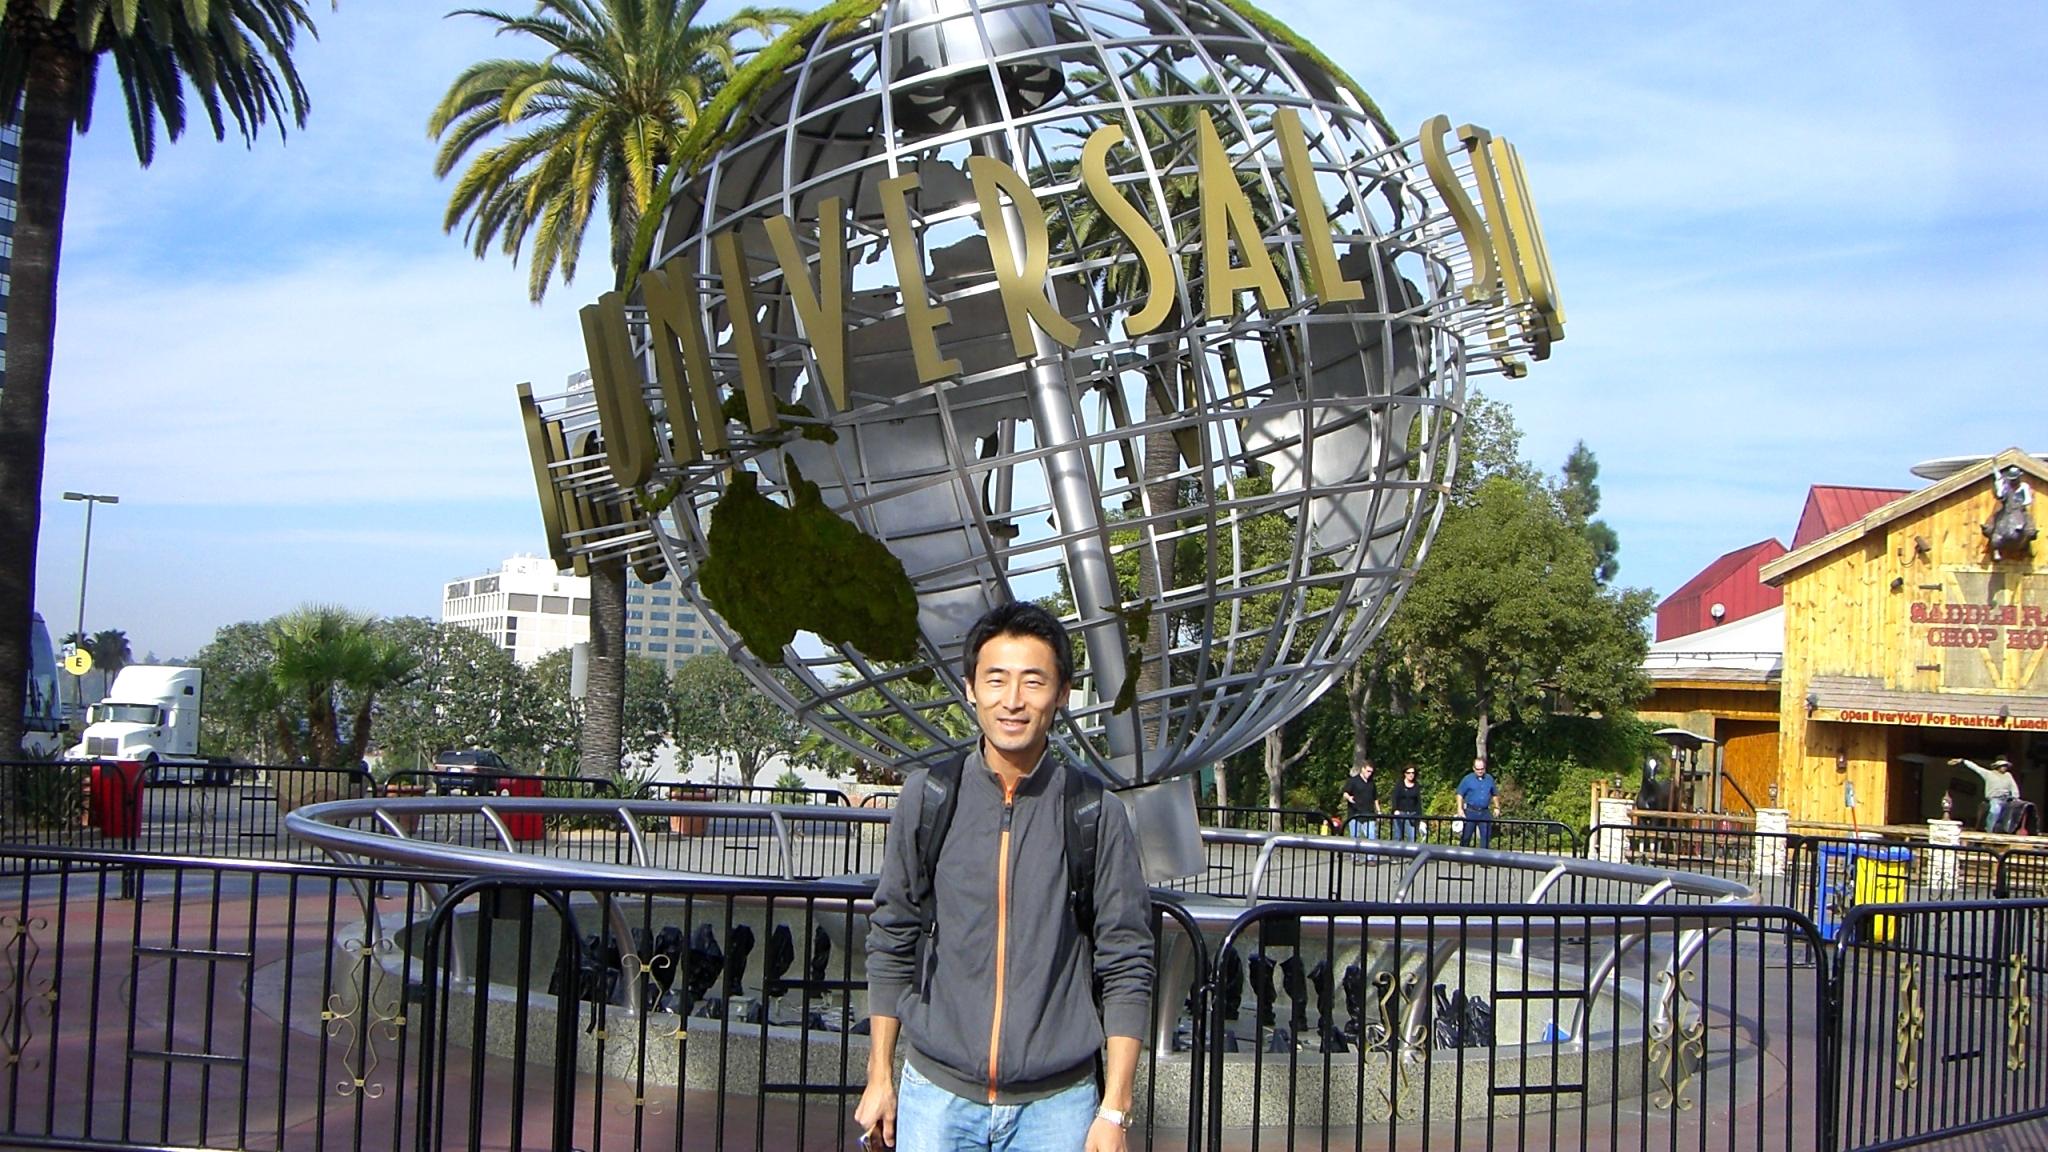 【LA5日目】ユニバーサルスタジオとハリウッドへ!